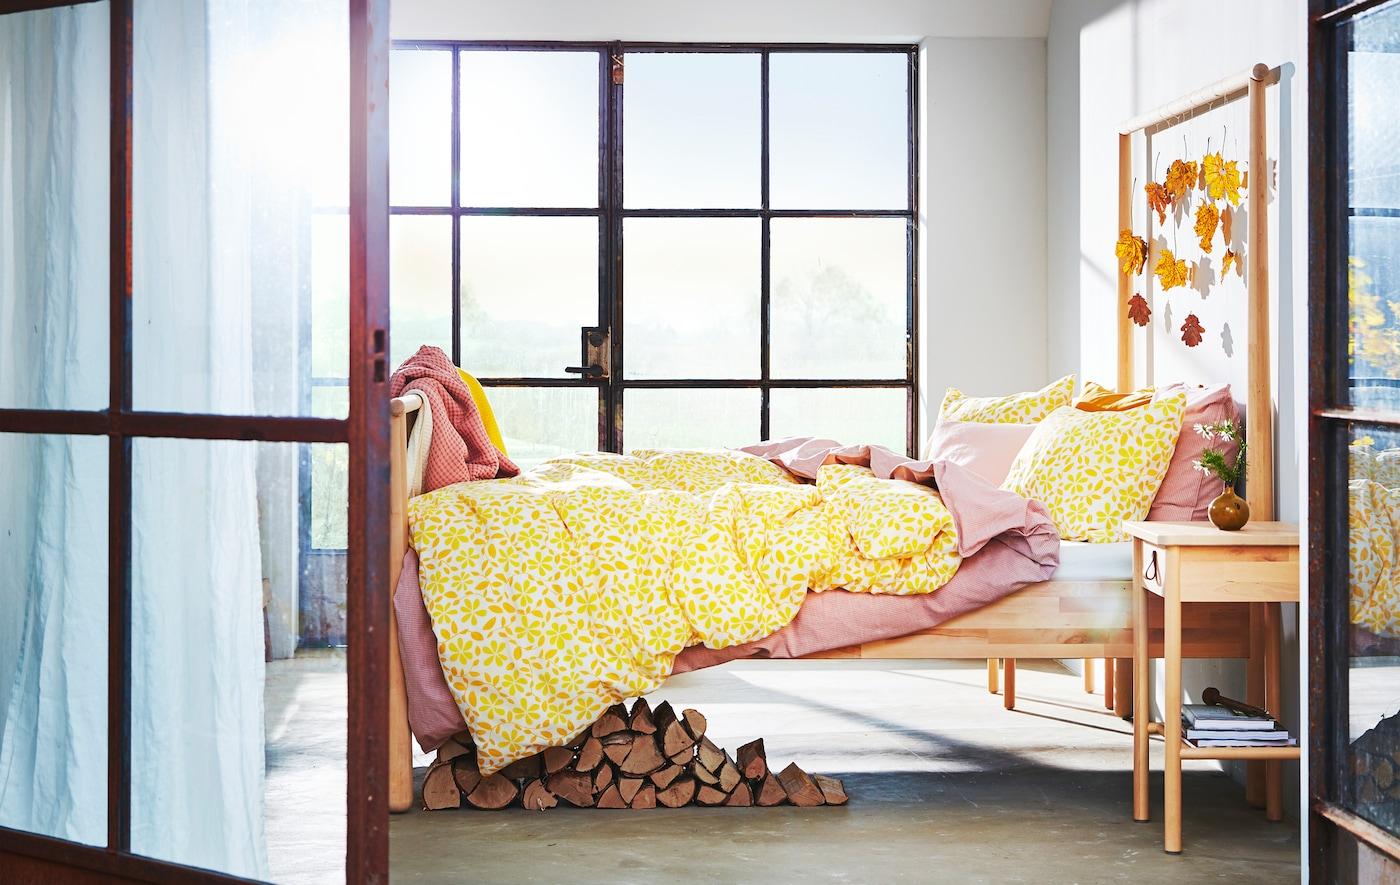 غرفة نوم بها نوافذ كبيرة، وأوراق شجر معلقة من هيكل سرير خشبي وطبقات مفروشات سرير أصفر، ووردي.